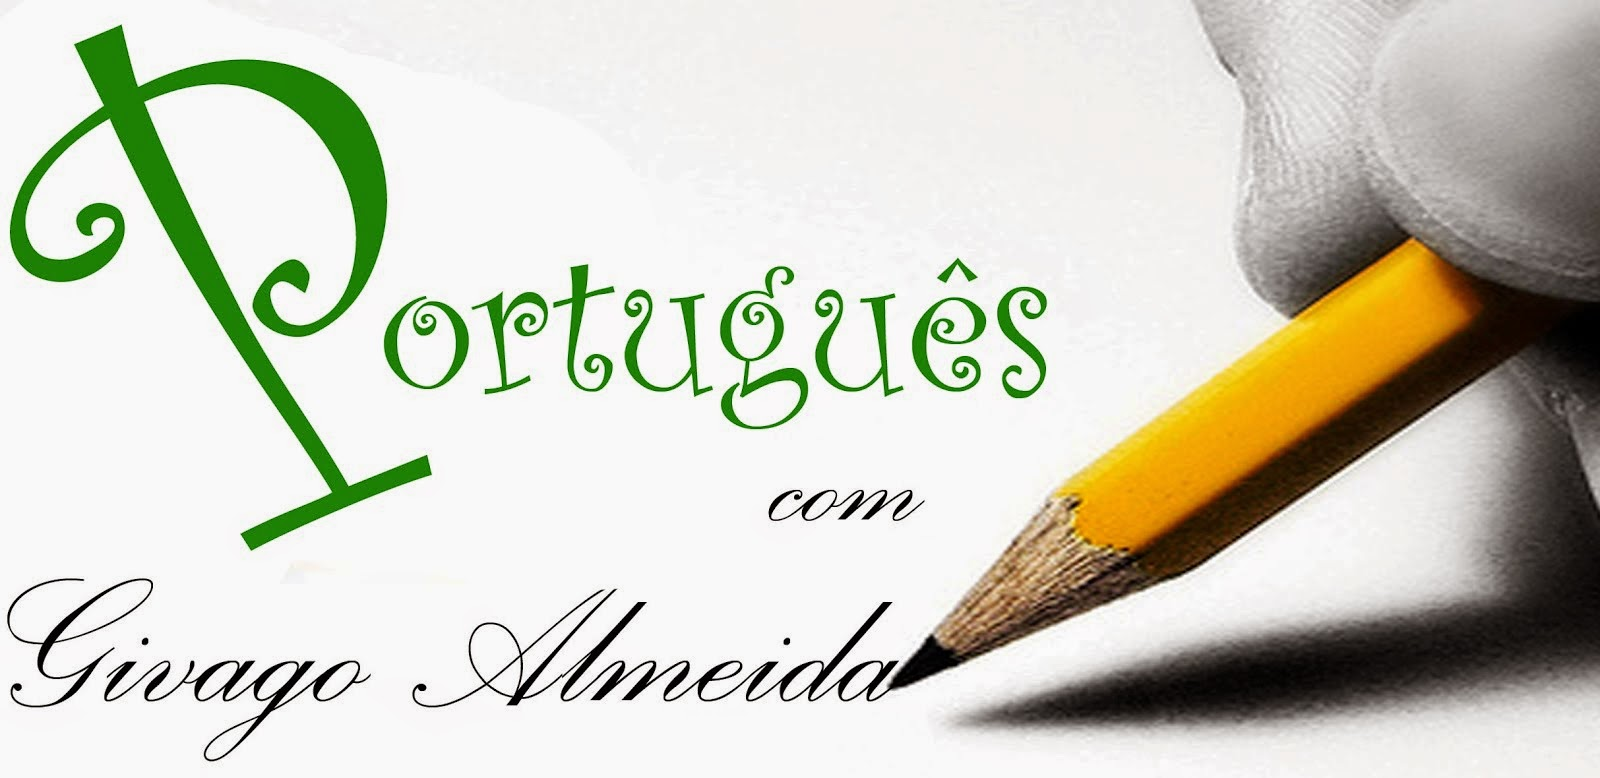 Português com Givago Almeida